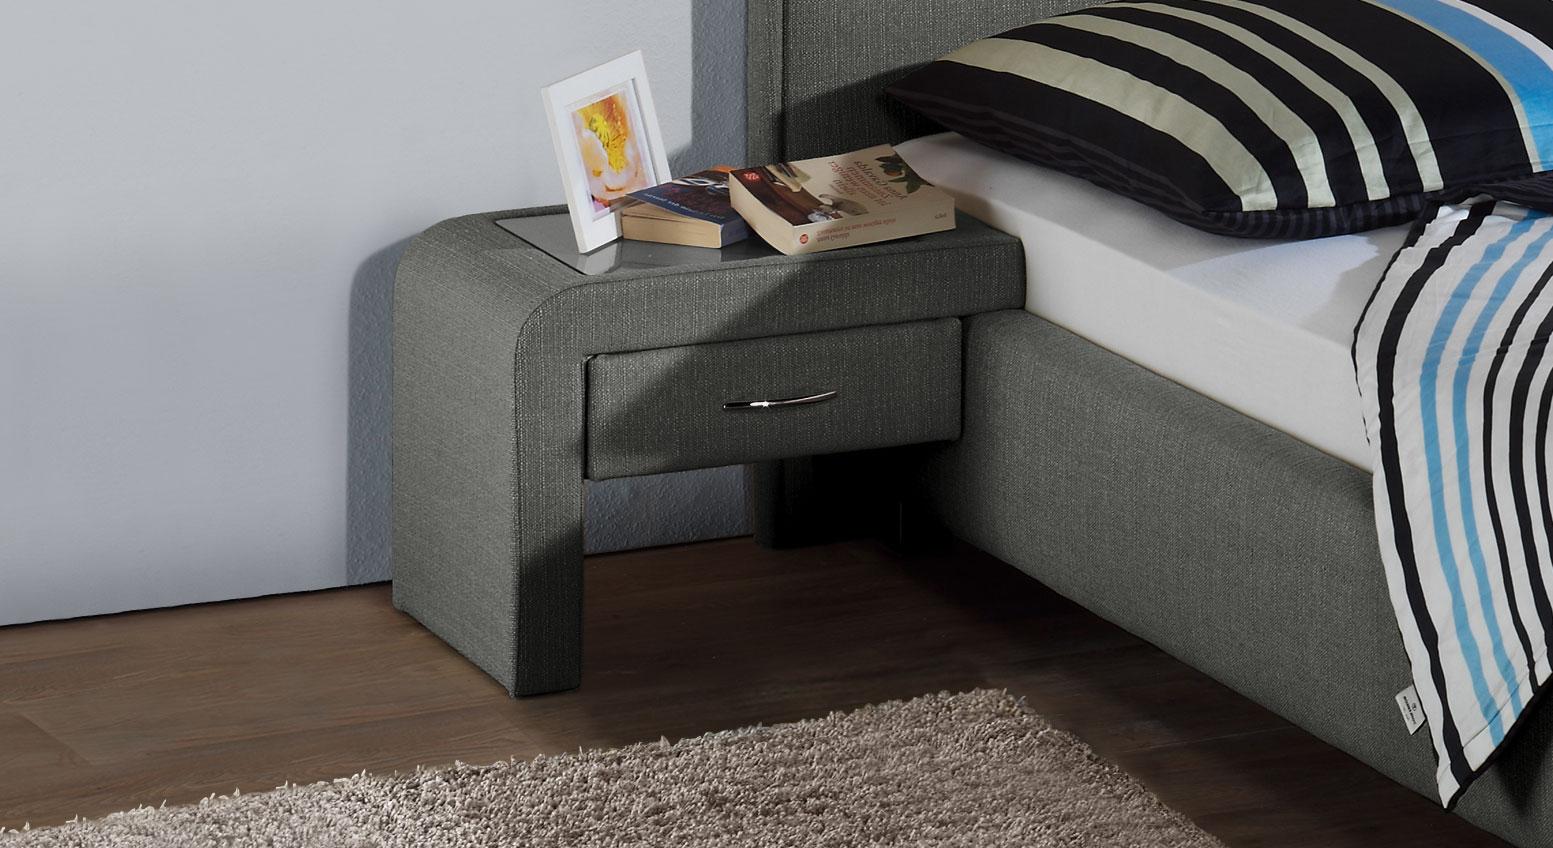 schubladen nachttisch zum einh ngen am bett el coco. Black Bedroom Furniture Sets. Home Design Ideas